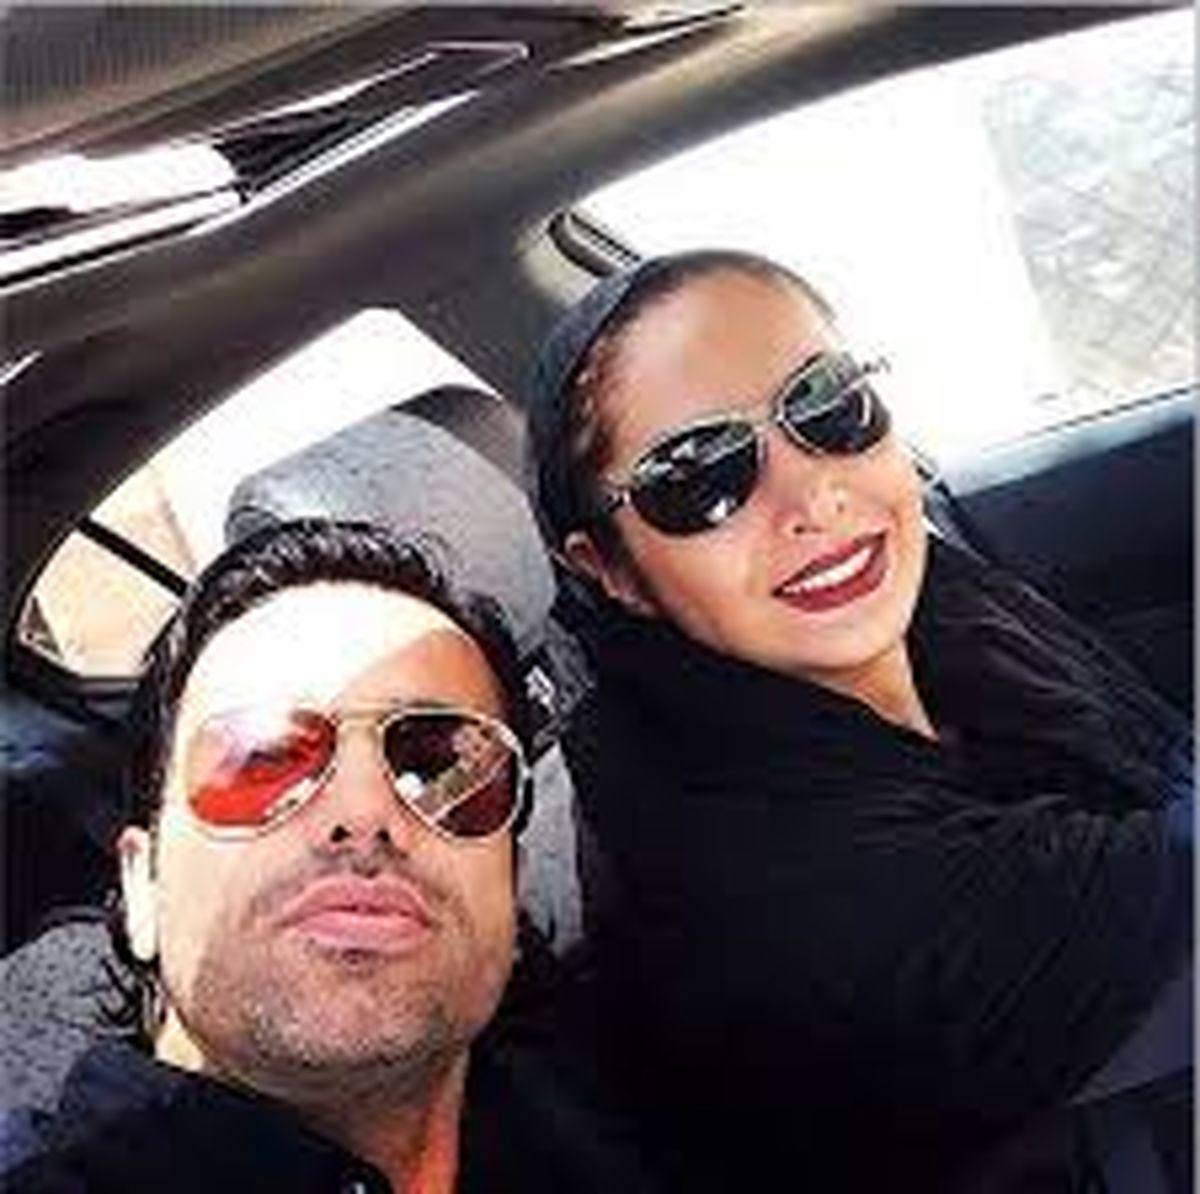 علیرضا نیکبخت و همسرش در حال خوش گذرانی + عکس